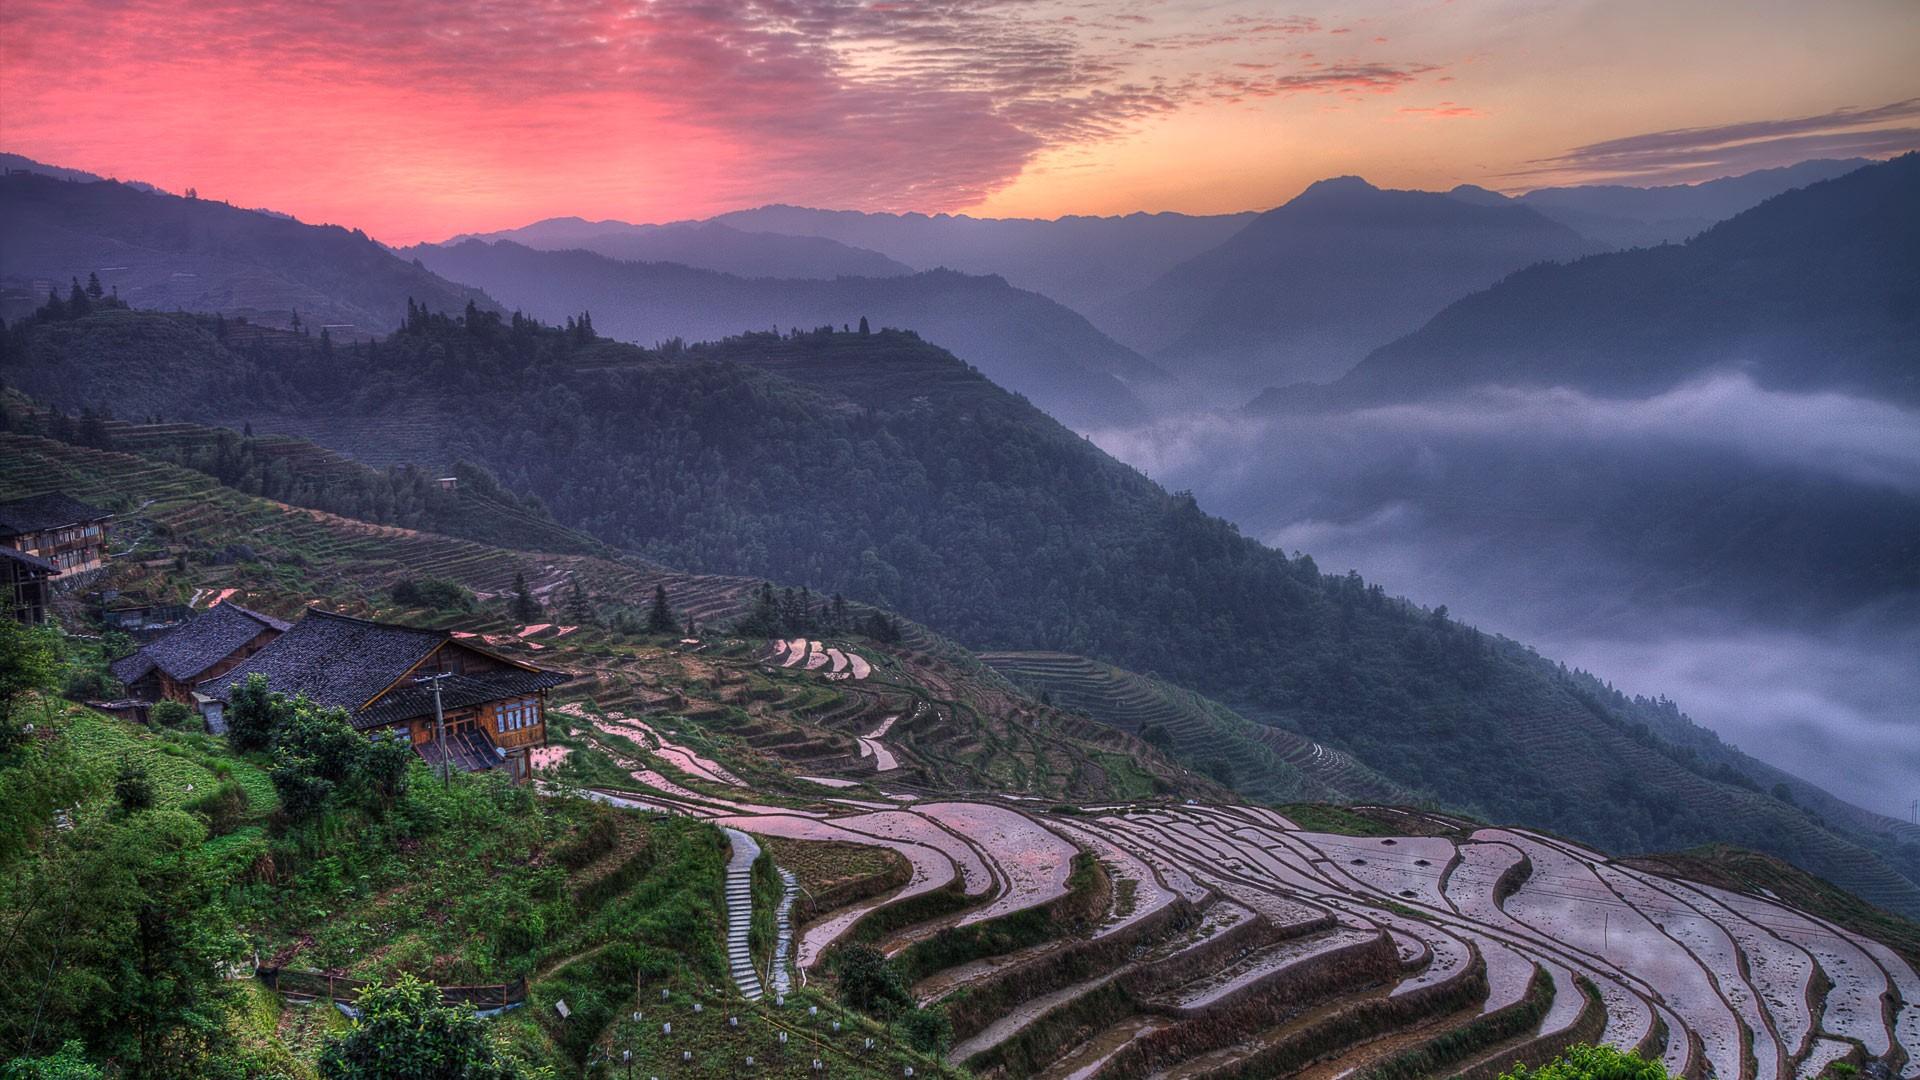 Wallpaper : pemandangan, pagi, lembah, gurun, sawah